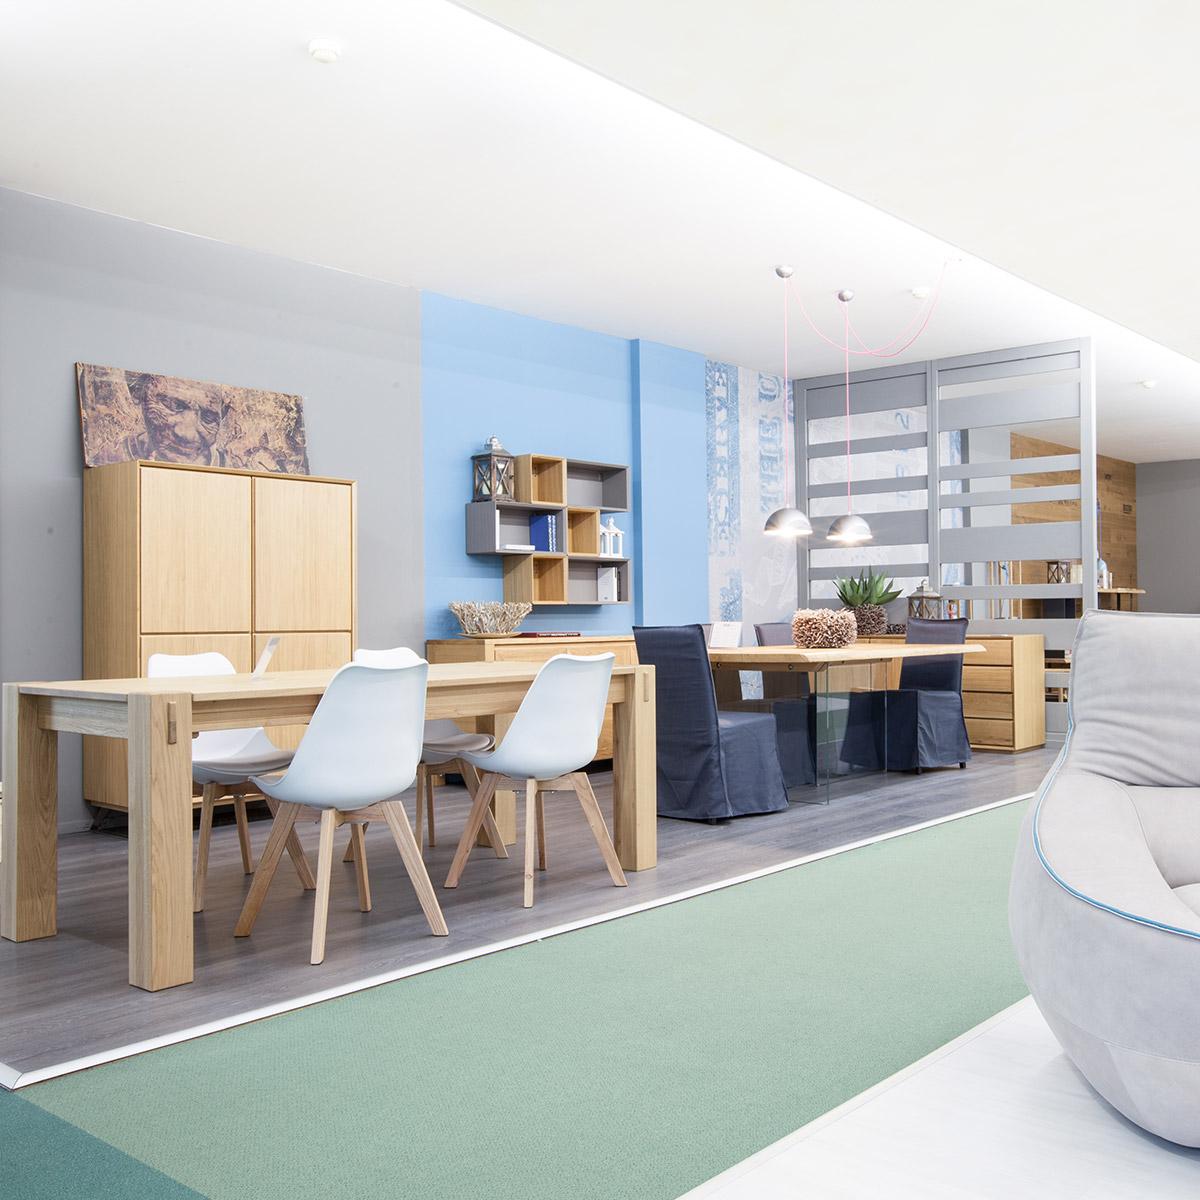 Architettura E Design Interni.Architettura E Interni Studio Reclame